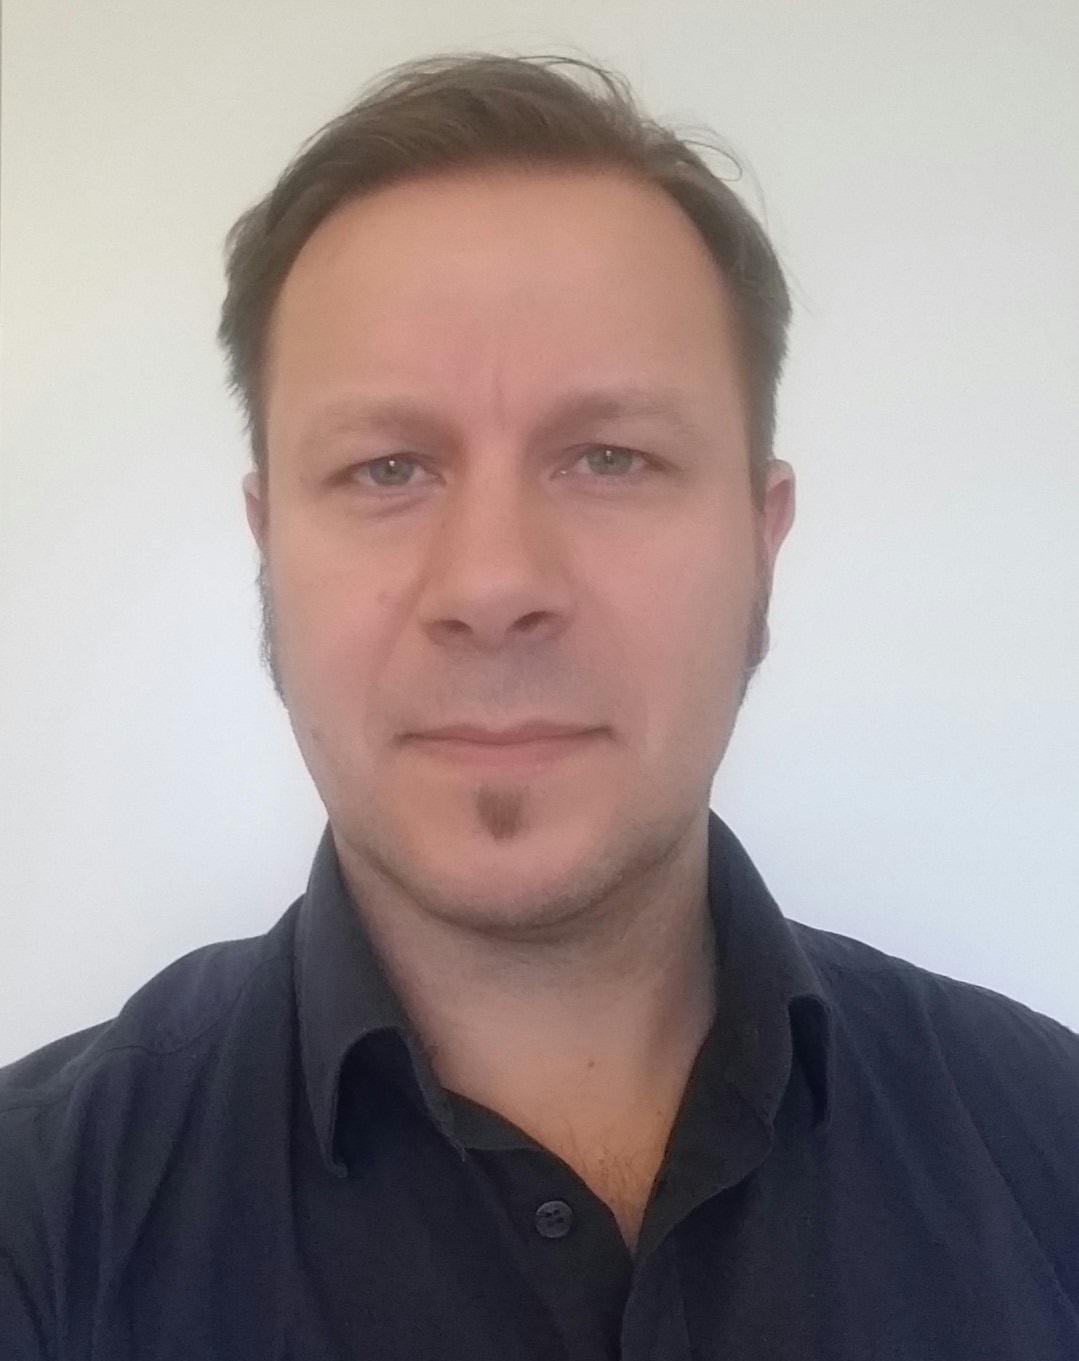 Morgan Mogge Östergren